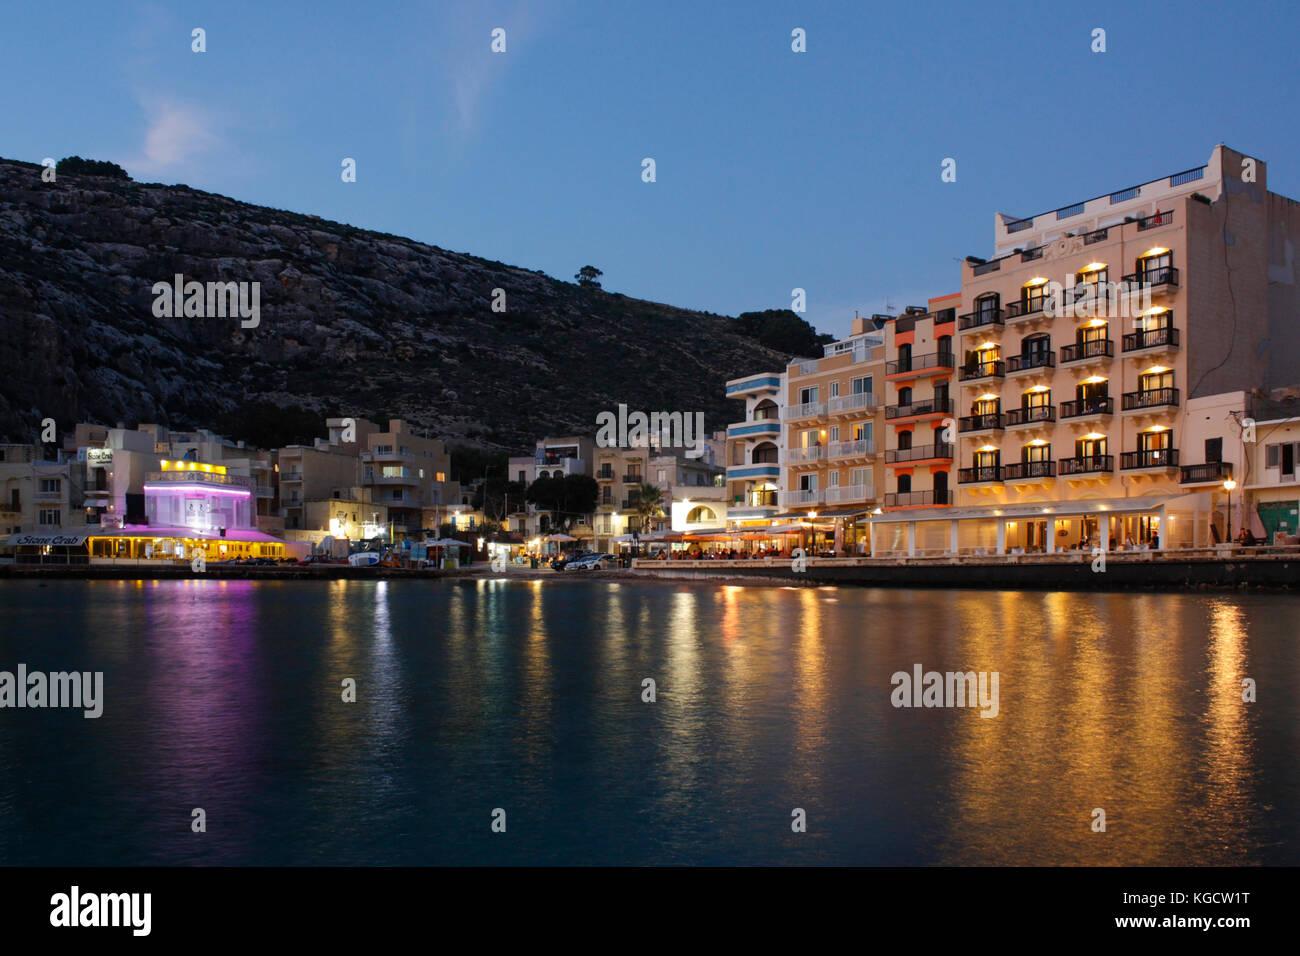 Le village balnéaire de Xlendi (prononcé) Shlendy à Gozo, Malte, au crépuscule, avec des hôtels Photo Stock